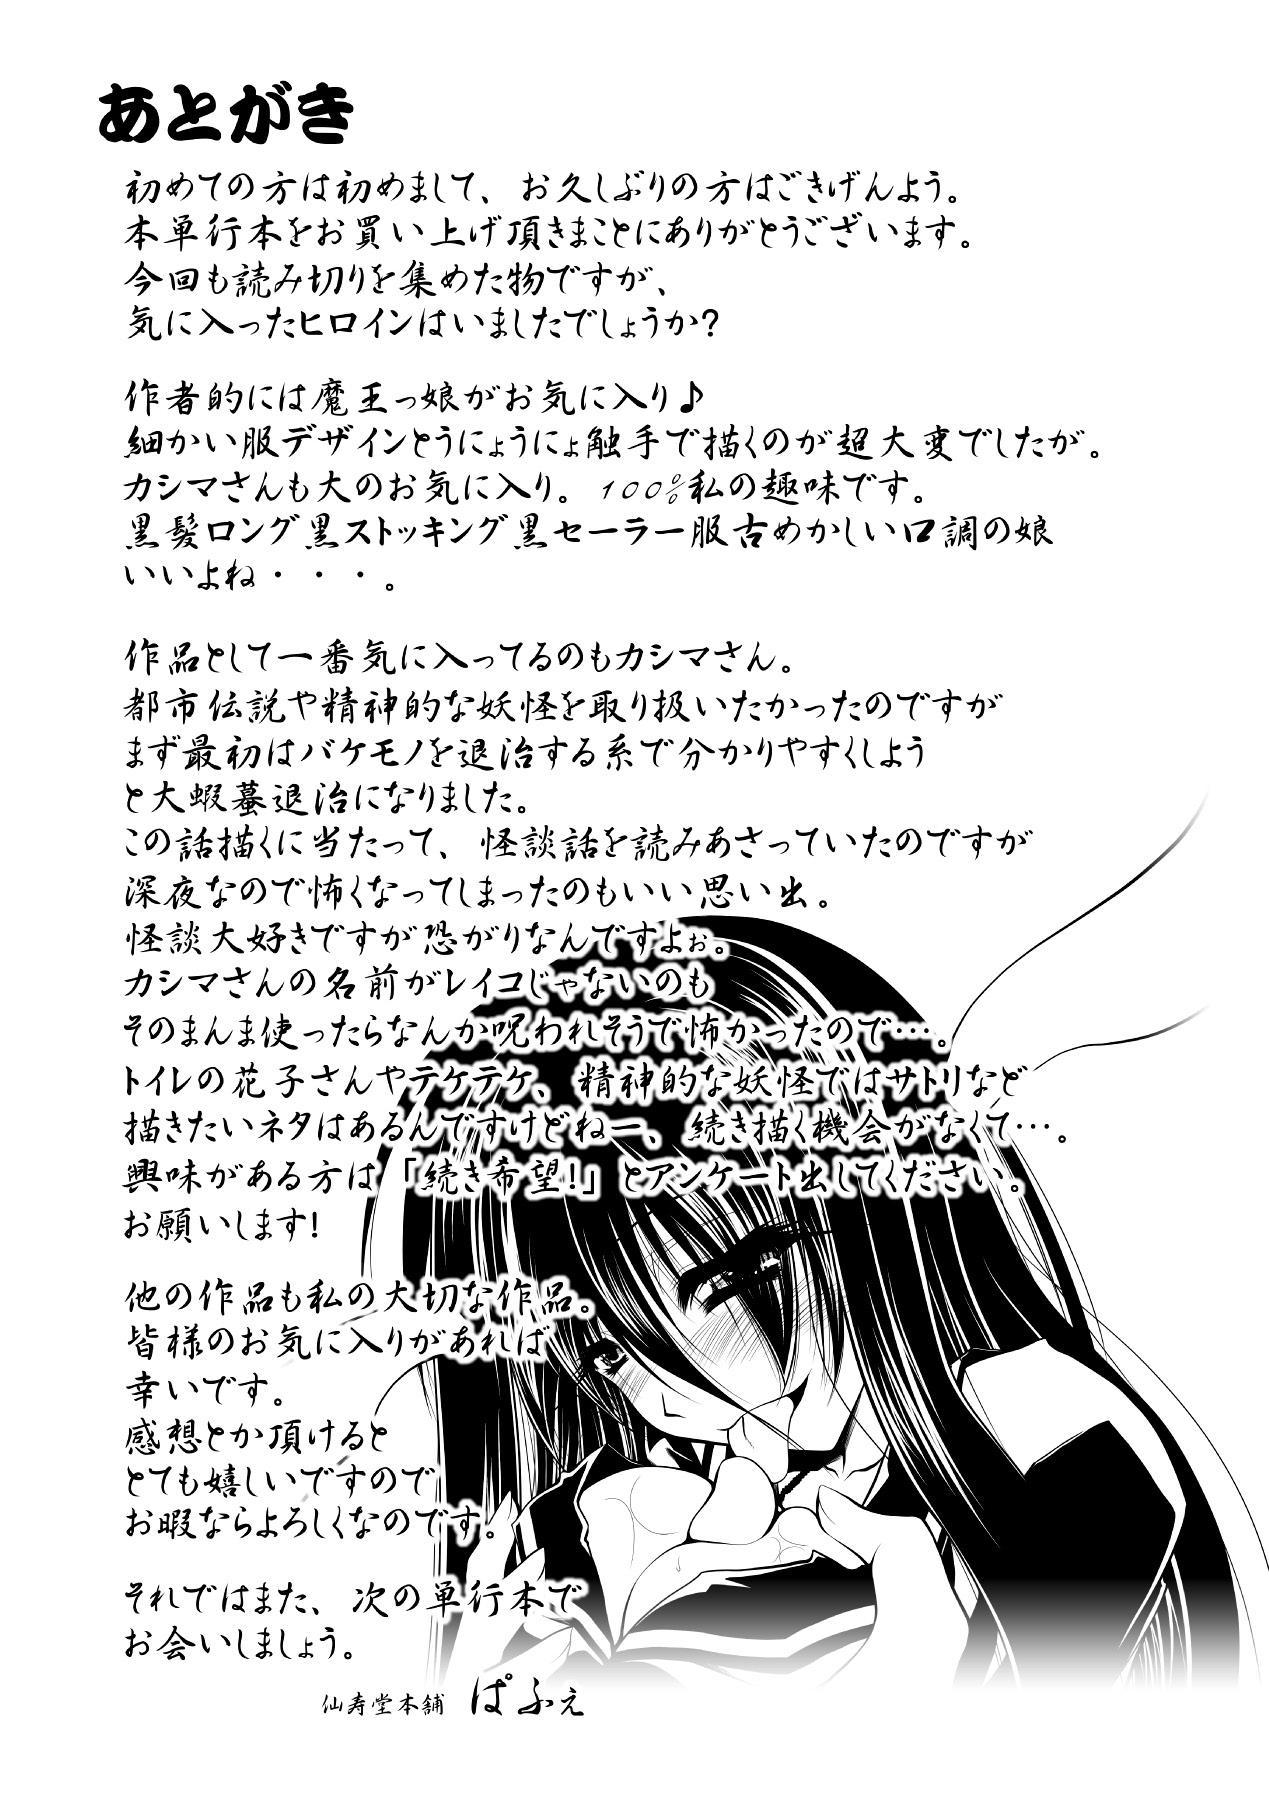 [Parfait] Mesu Inu no Tooboe ~Injyoku Elegy~ - The Howling Of A Bitch [Digital] 168